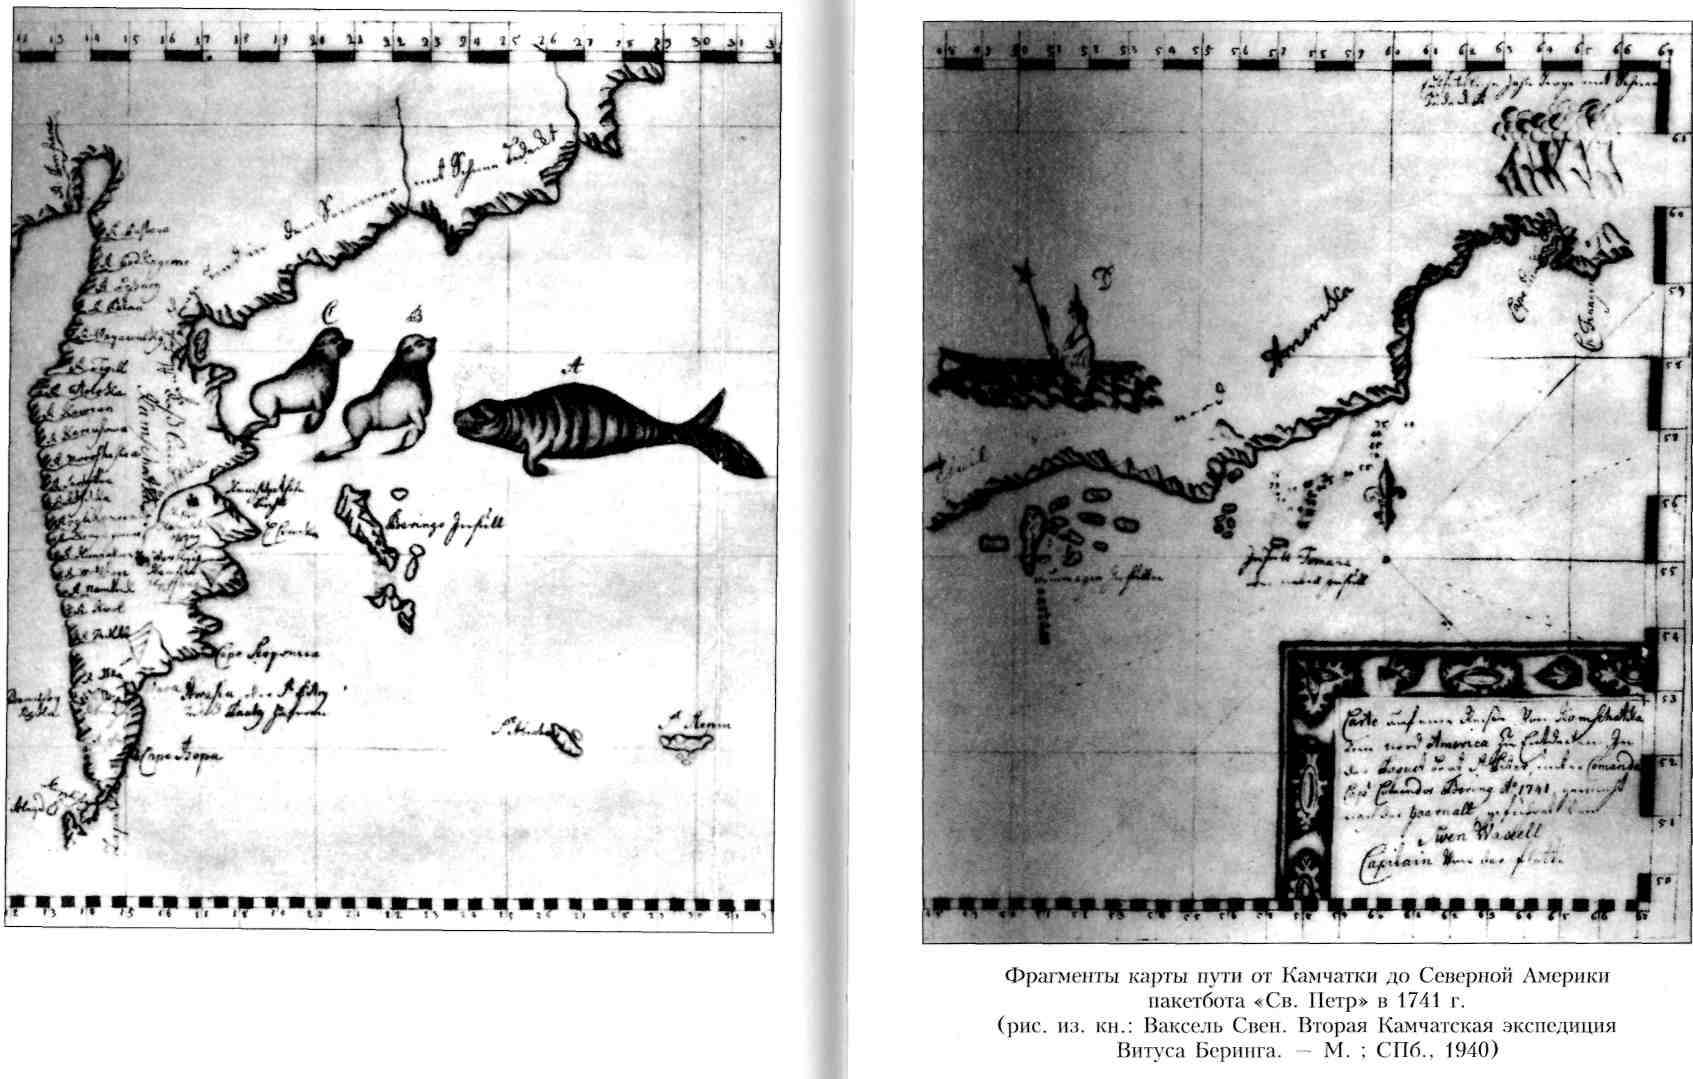 первая камчатская экспедиция витуса беринга была организована